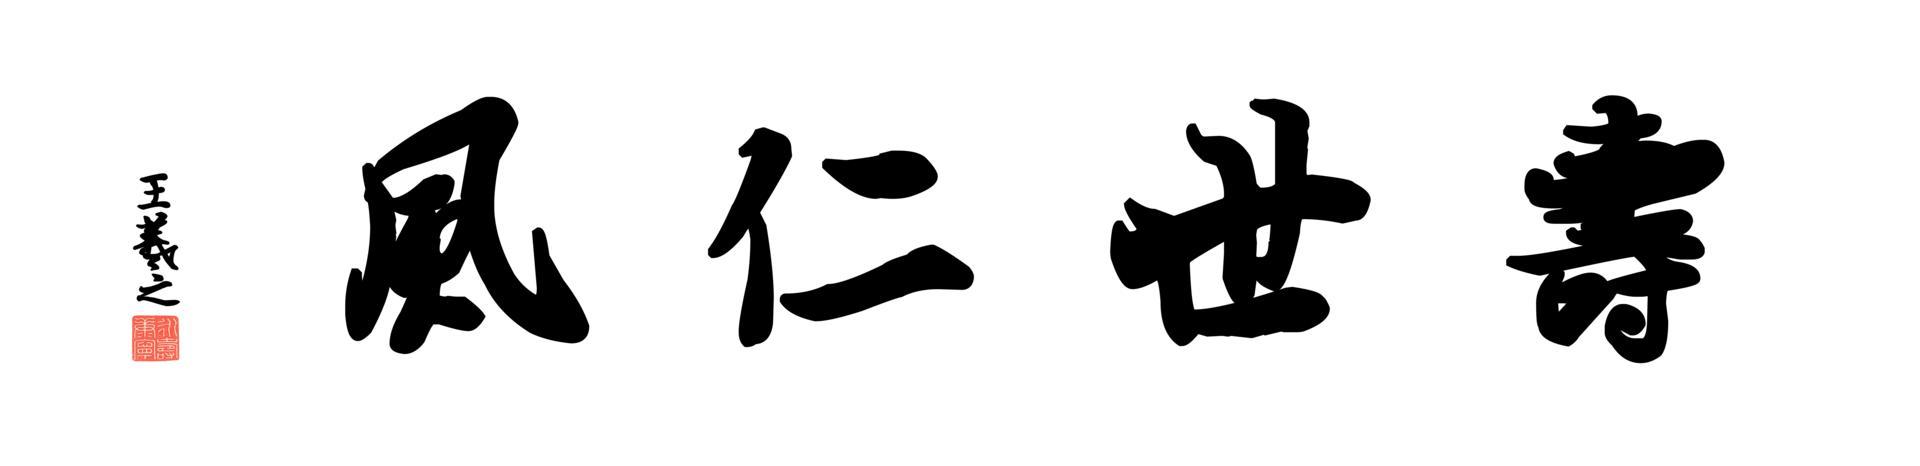 0168_王羲之兰亭体数字书法-四字横幅寿世仁风136x33cm_21417x5197PX_TIF_400DPI_326_0